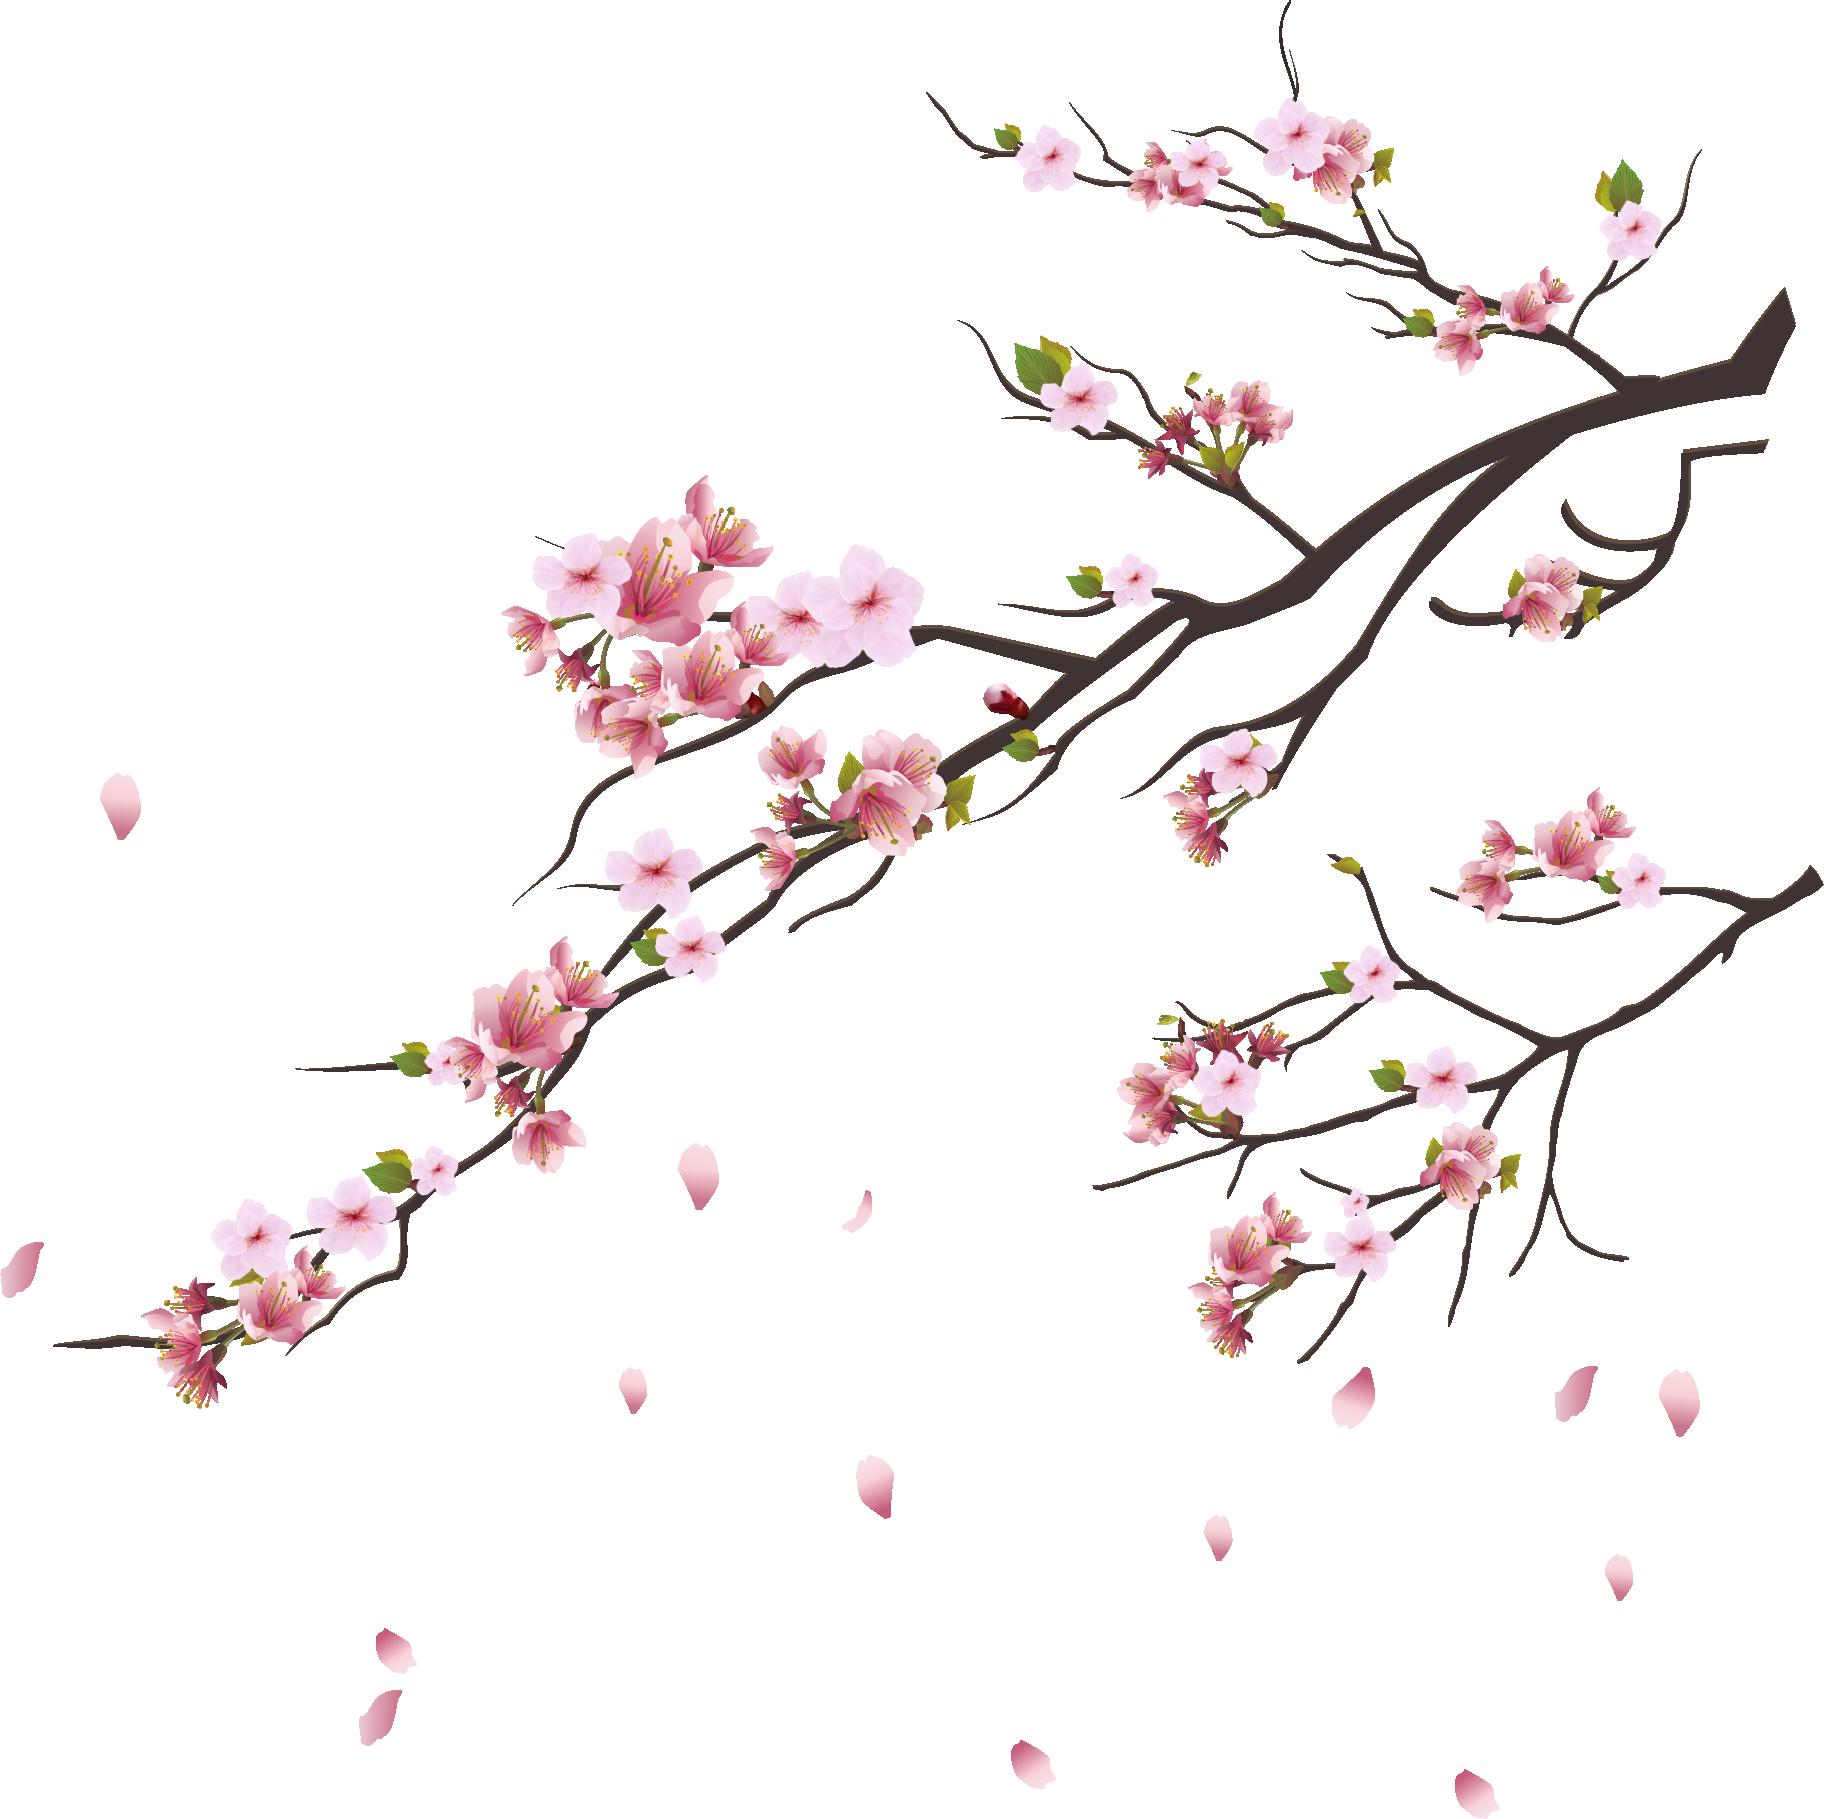 Hình ảnh nhành hoa đào